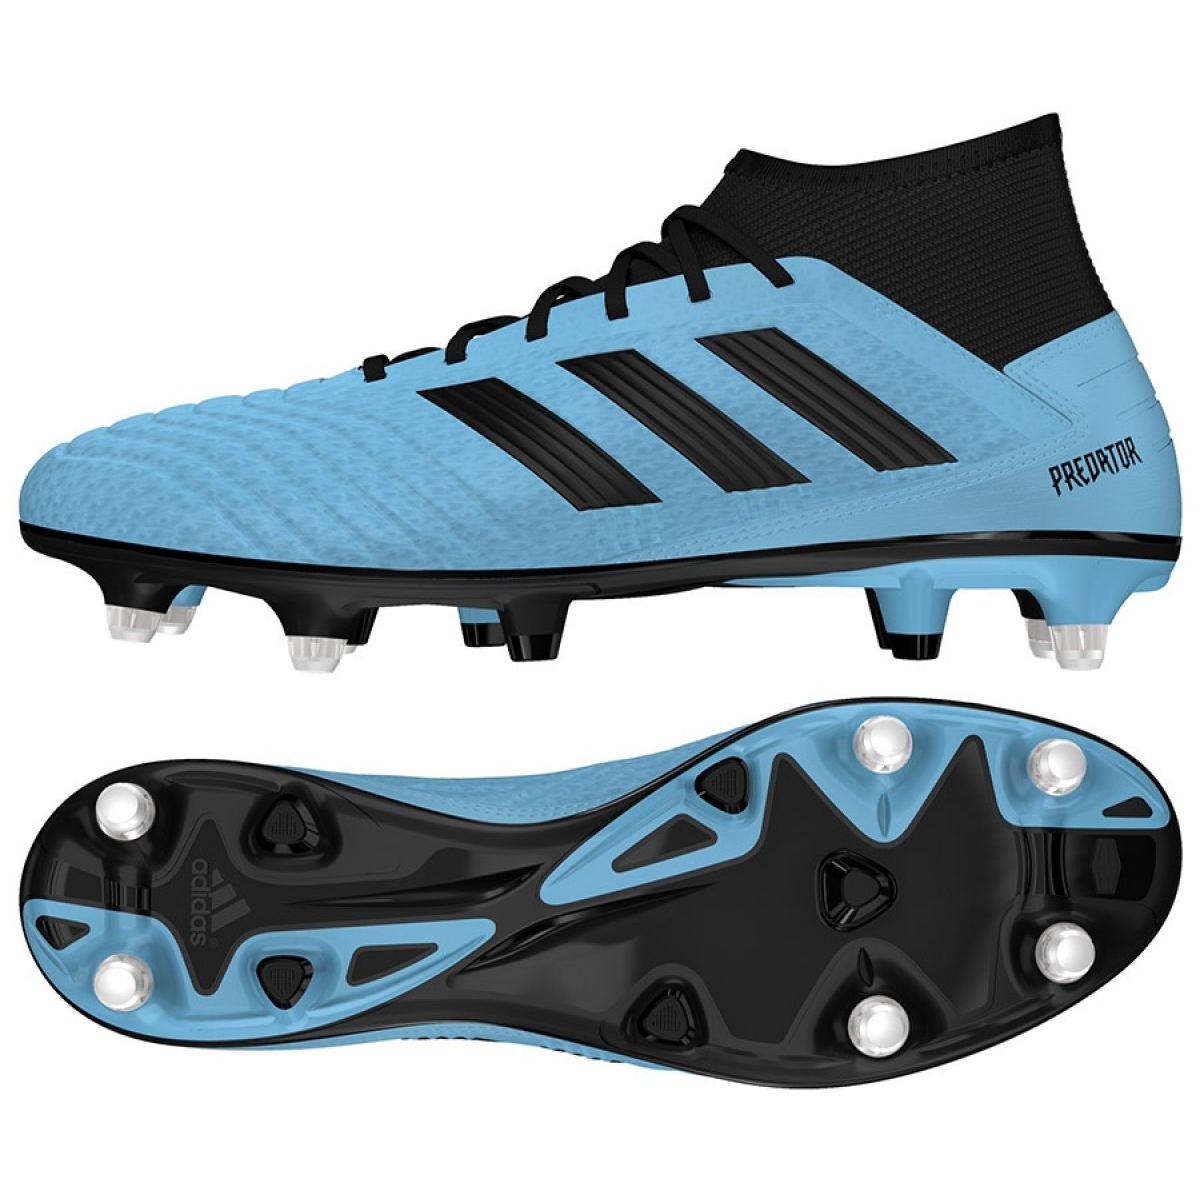 Fussballschuhe Adidas Predator 19 3 Sg M Ef8033 Blau Blau